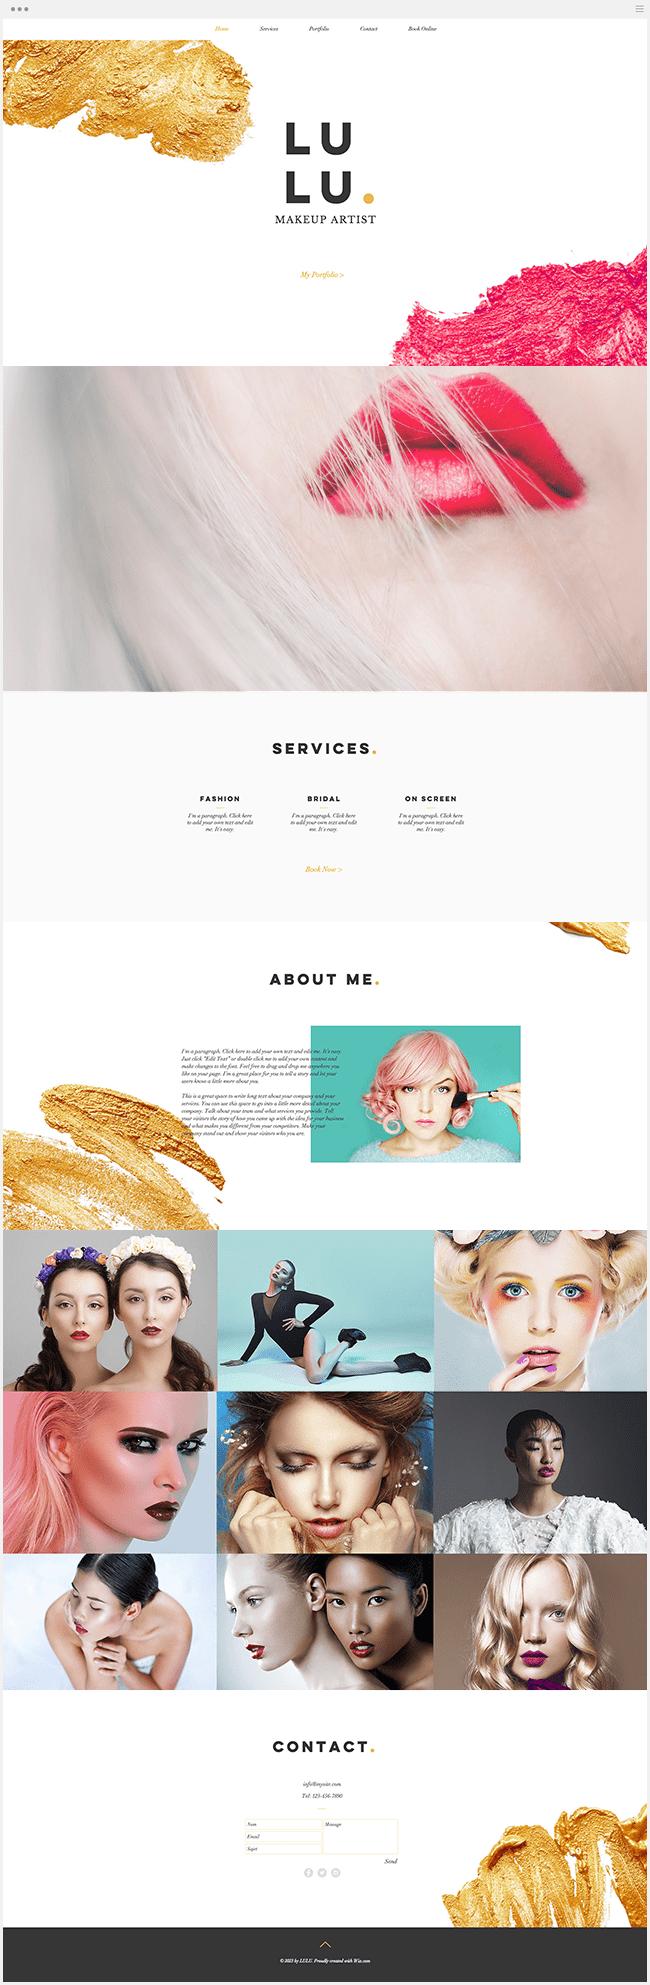 Site Wix Template Maquillage Salon Beauté